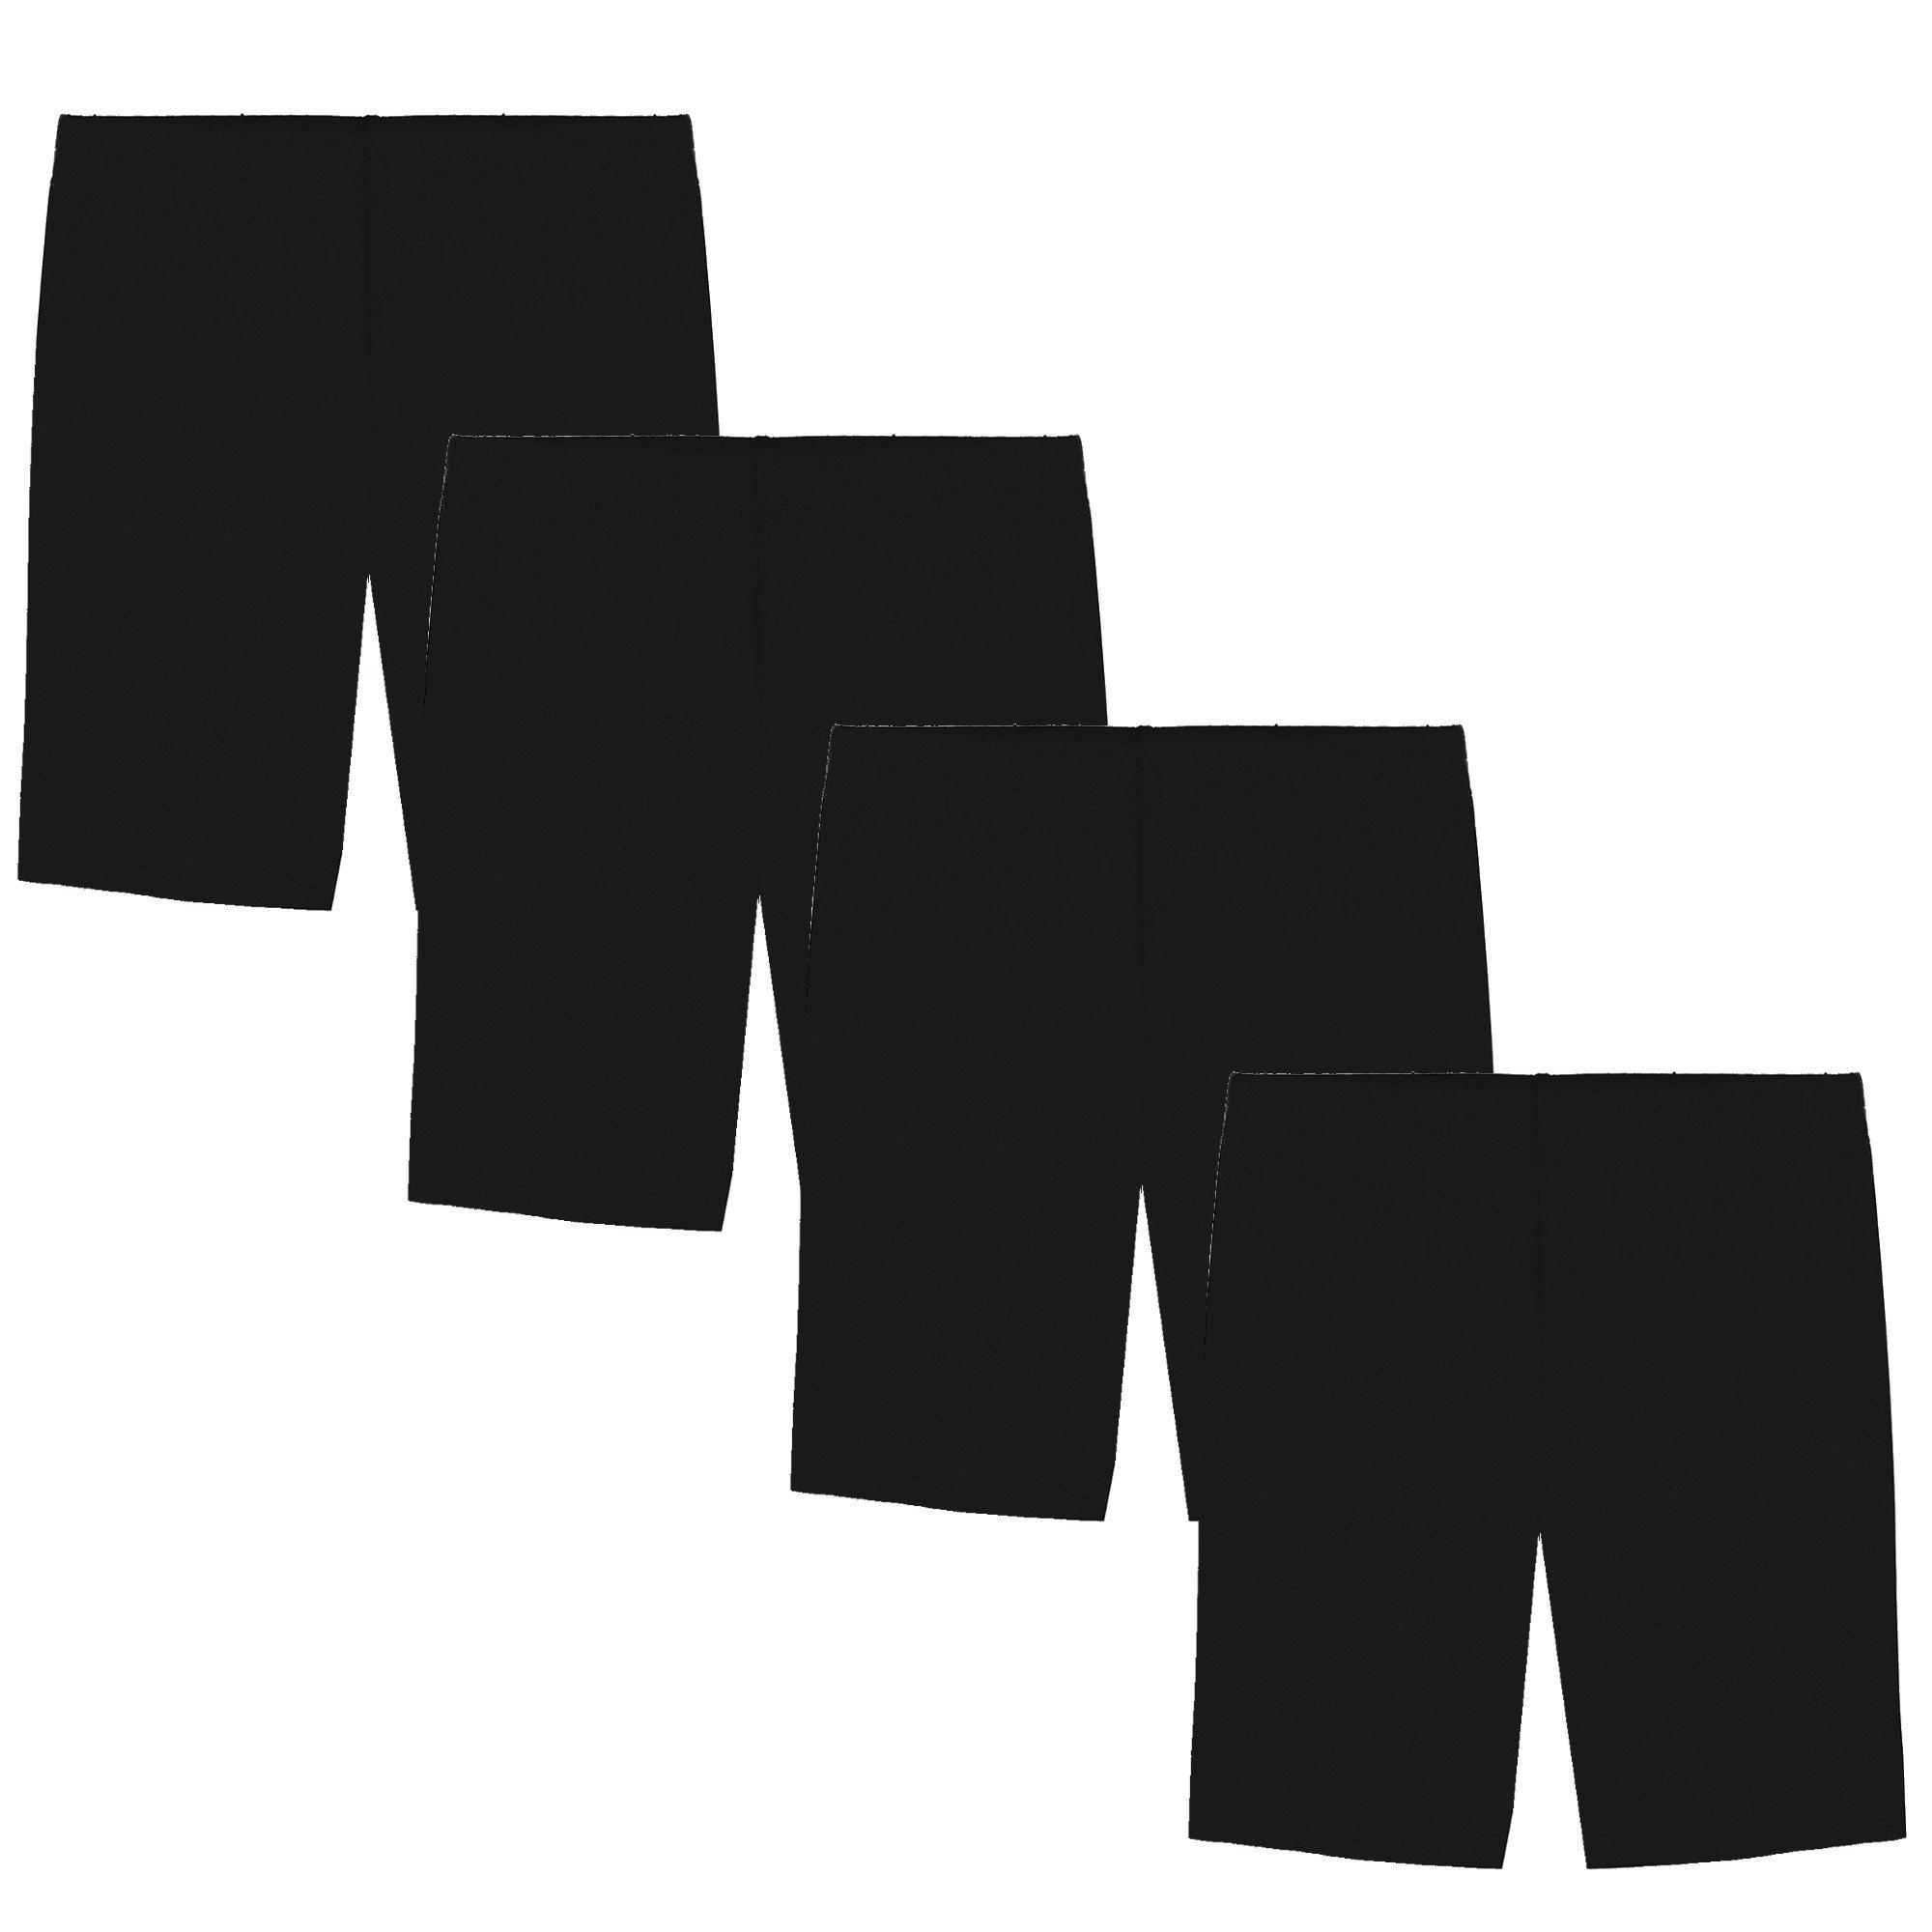 Popular Girl's Value Pack Long Cotton Bike Shorts - 4 Pack - All Black - M